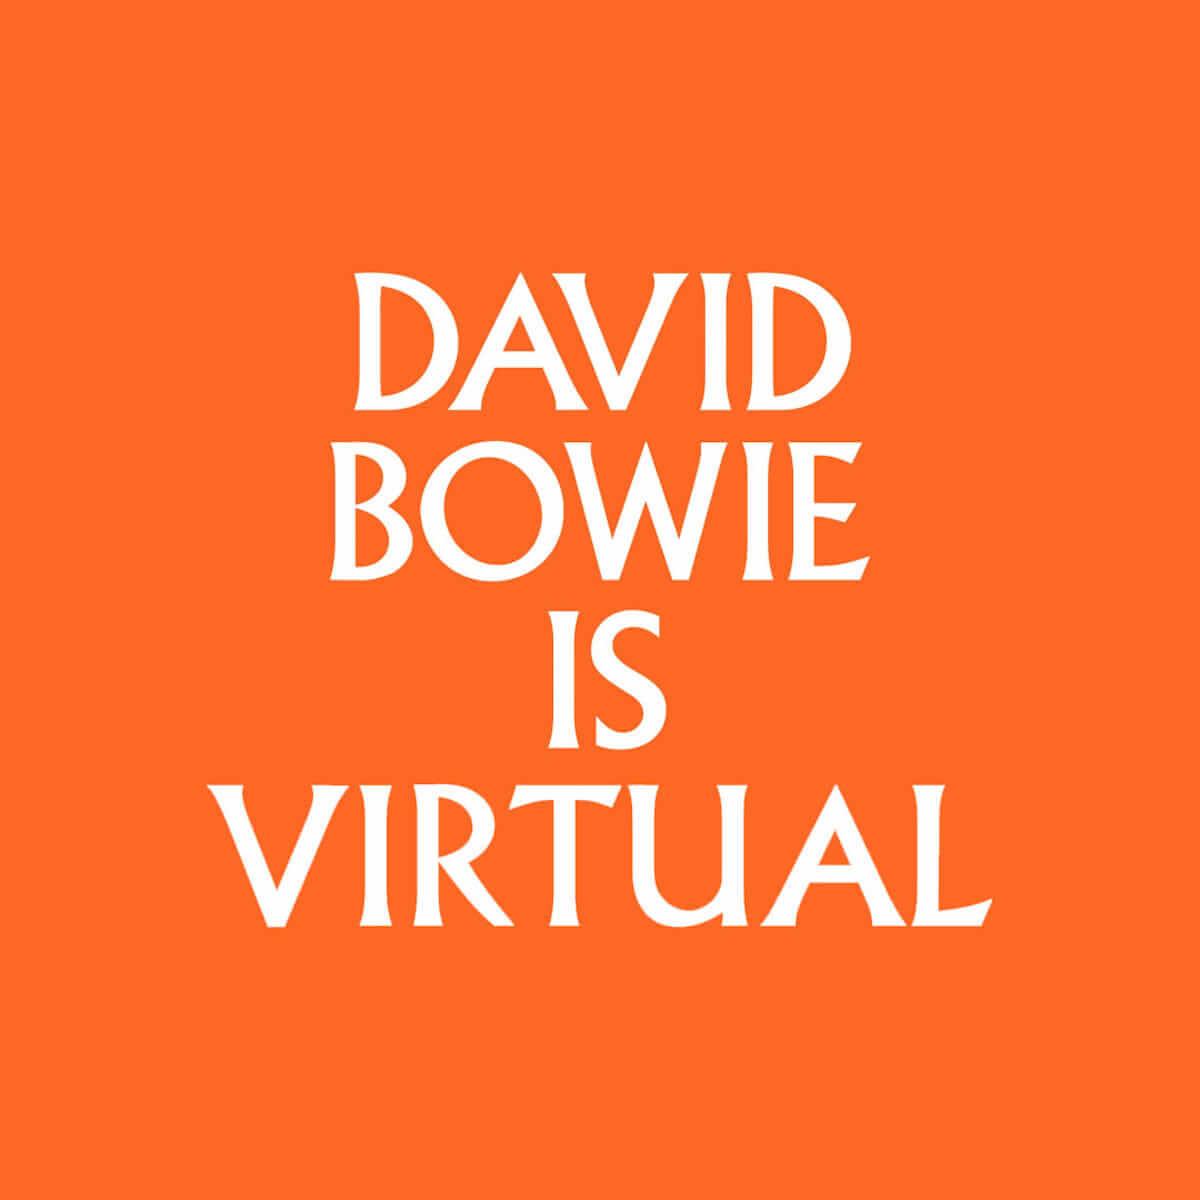 大回顧展<DAVID BOWIE is>がAR・VRで体験可能に|デヴィッド・ボウイの衣装を「試着」できる? music180720_davidbowieisrea_1-1200x1200